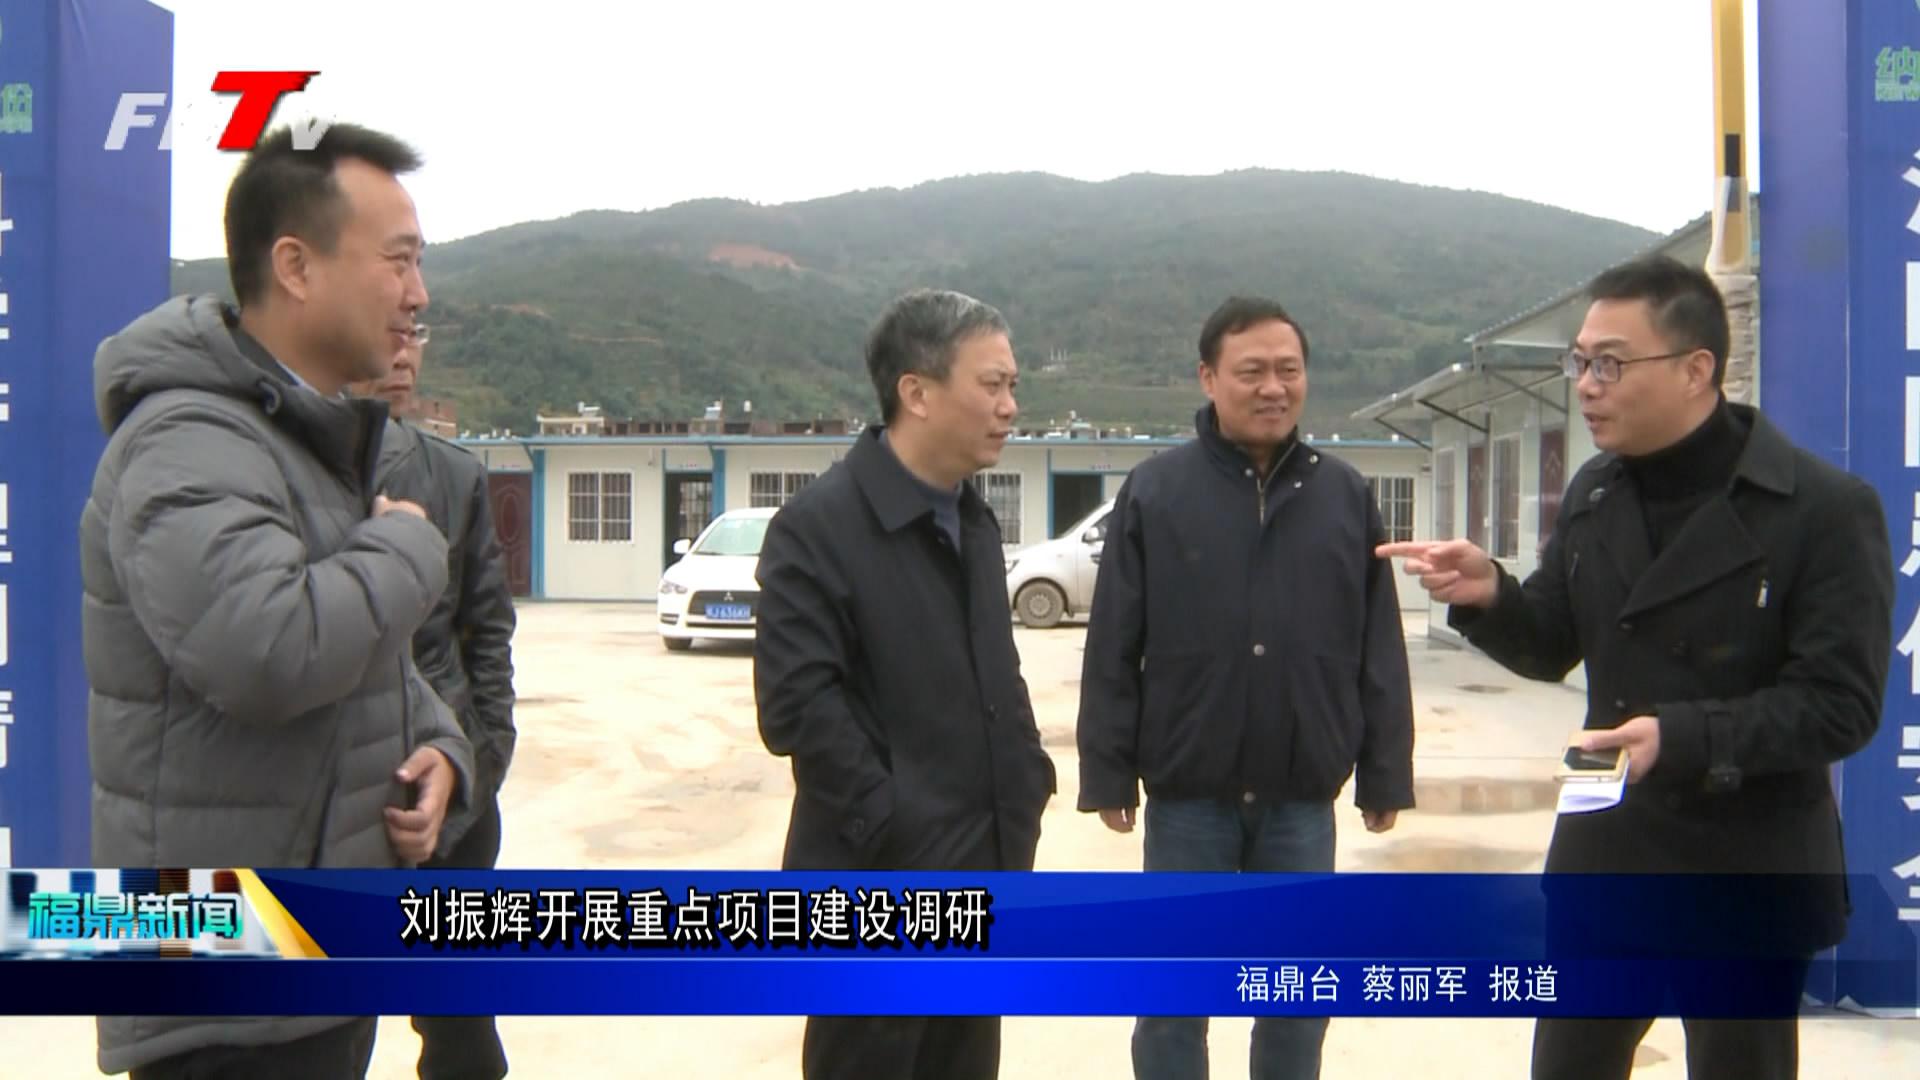 刘振辉展开重点项目设置装备摆设调研